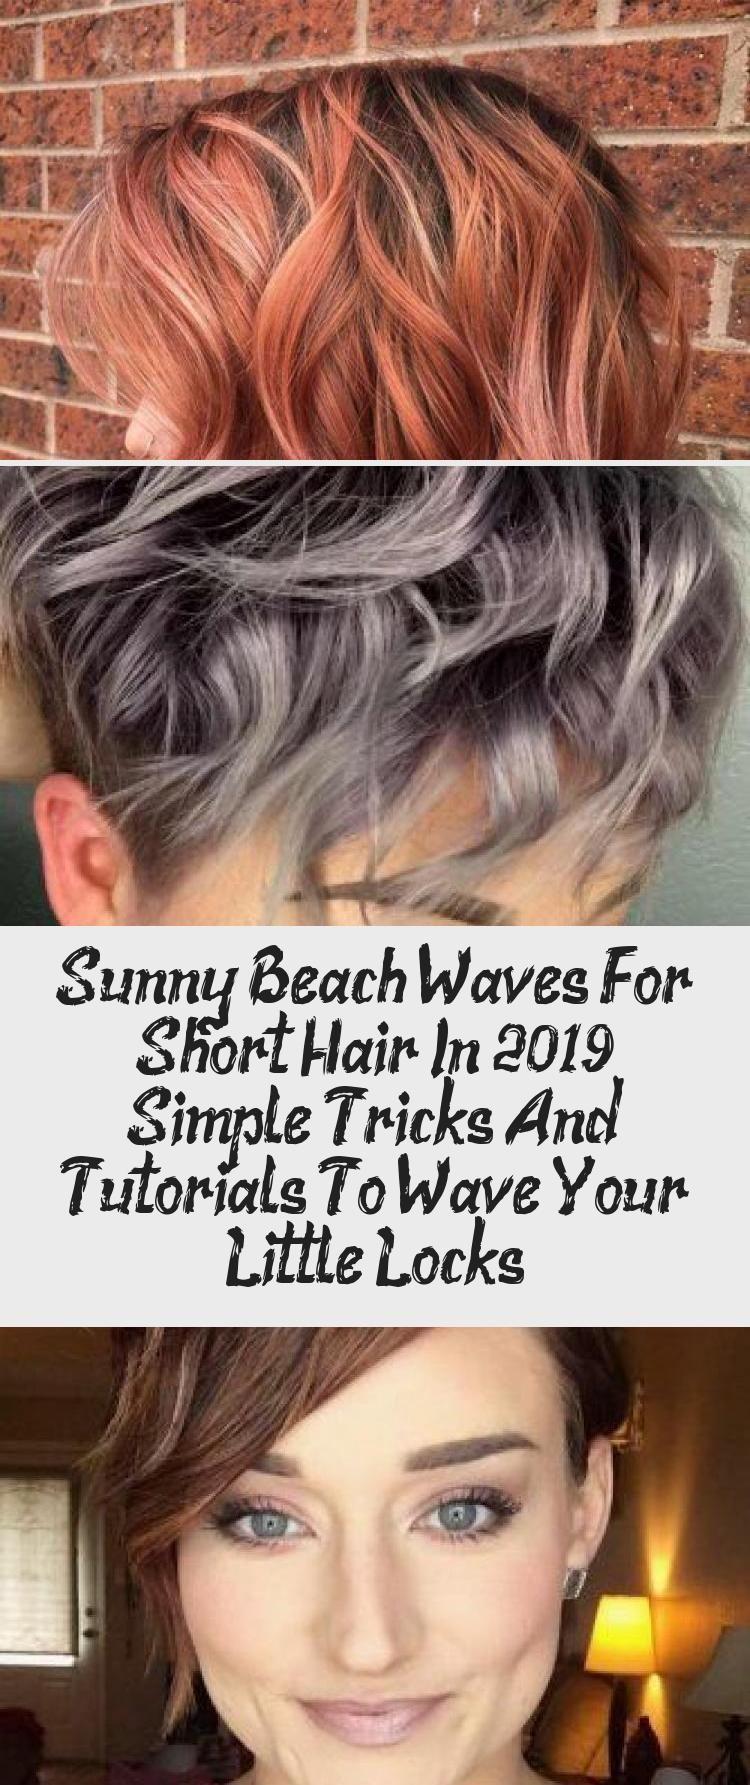 Blonde Beach Waves For Short Hair Beachwaves Shorthair Hairstyles Bobhaircut Blondehair Ev In 2020 Short Hair Waves Beach Waves For Short Hair Short Hair Styles